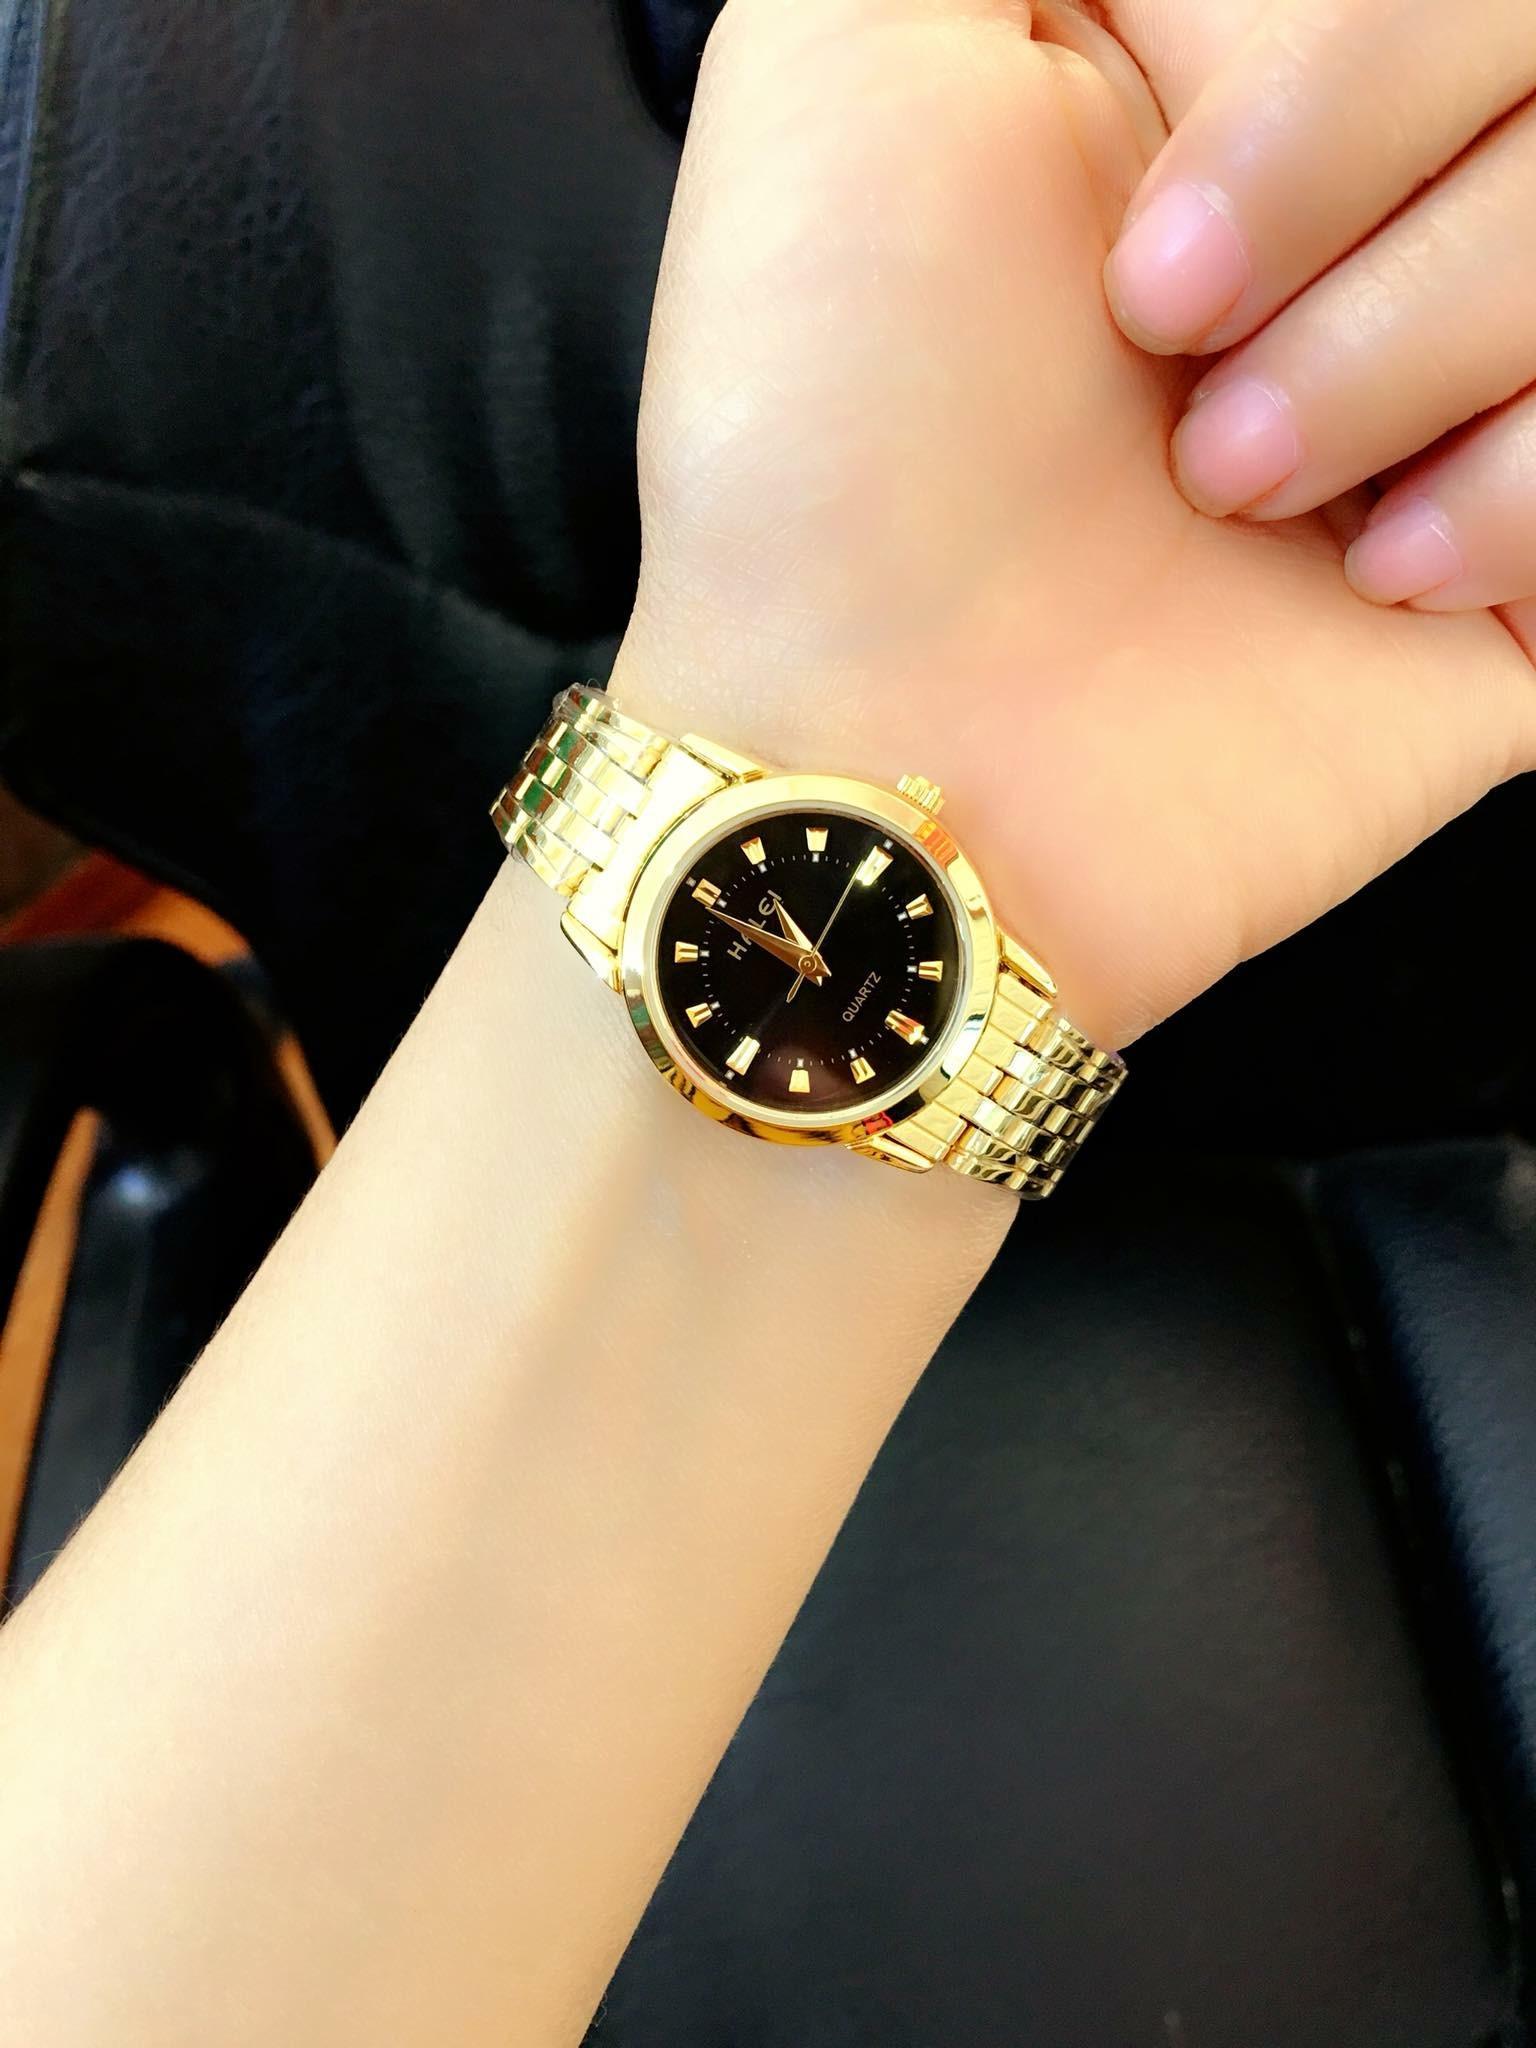 đồng hồ nữ halei,dây vàng mặt đen,chống nước,chống xước tốt HL1213412 bán chạy